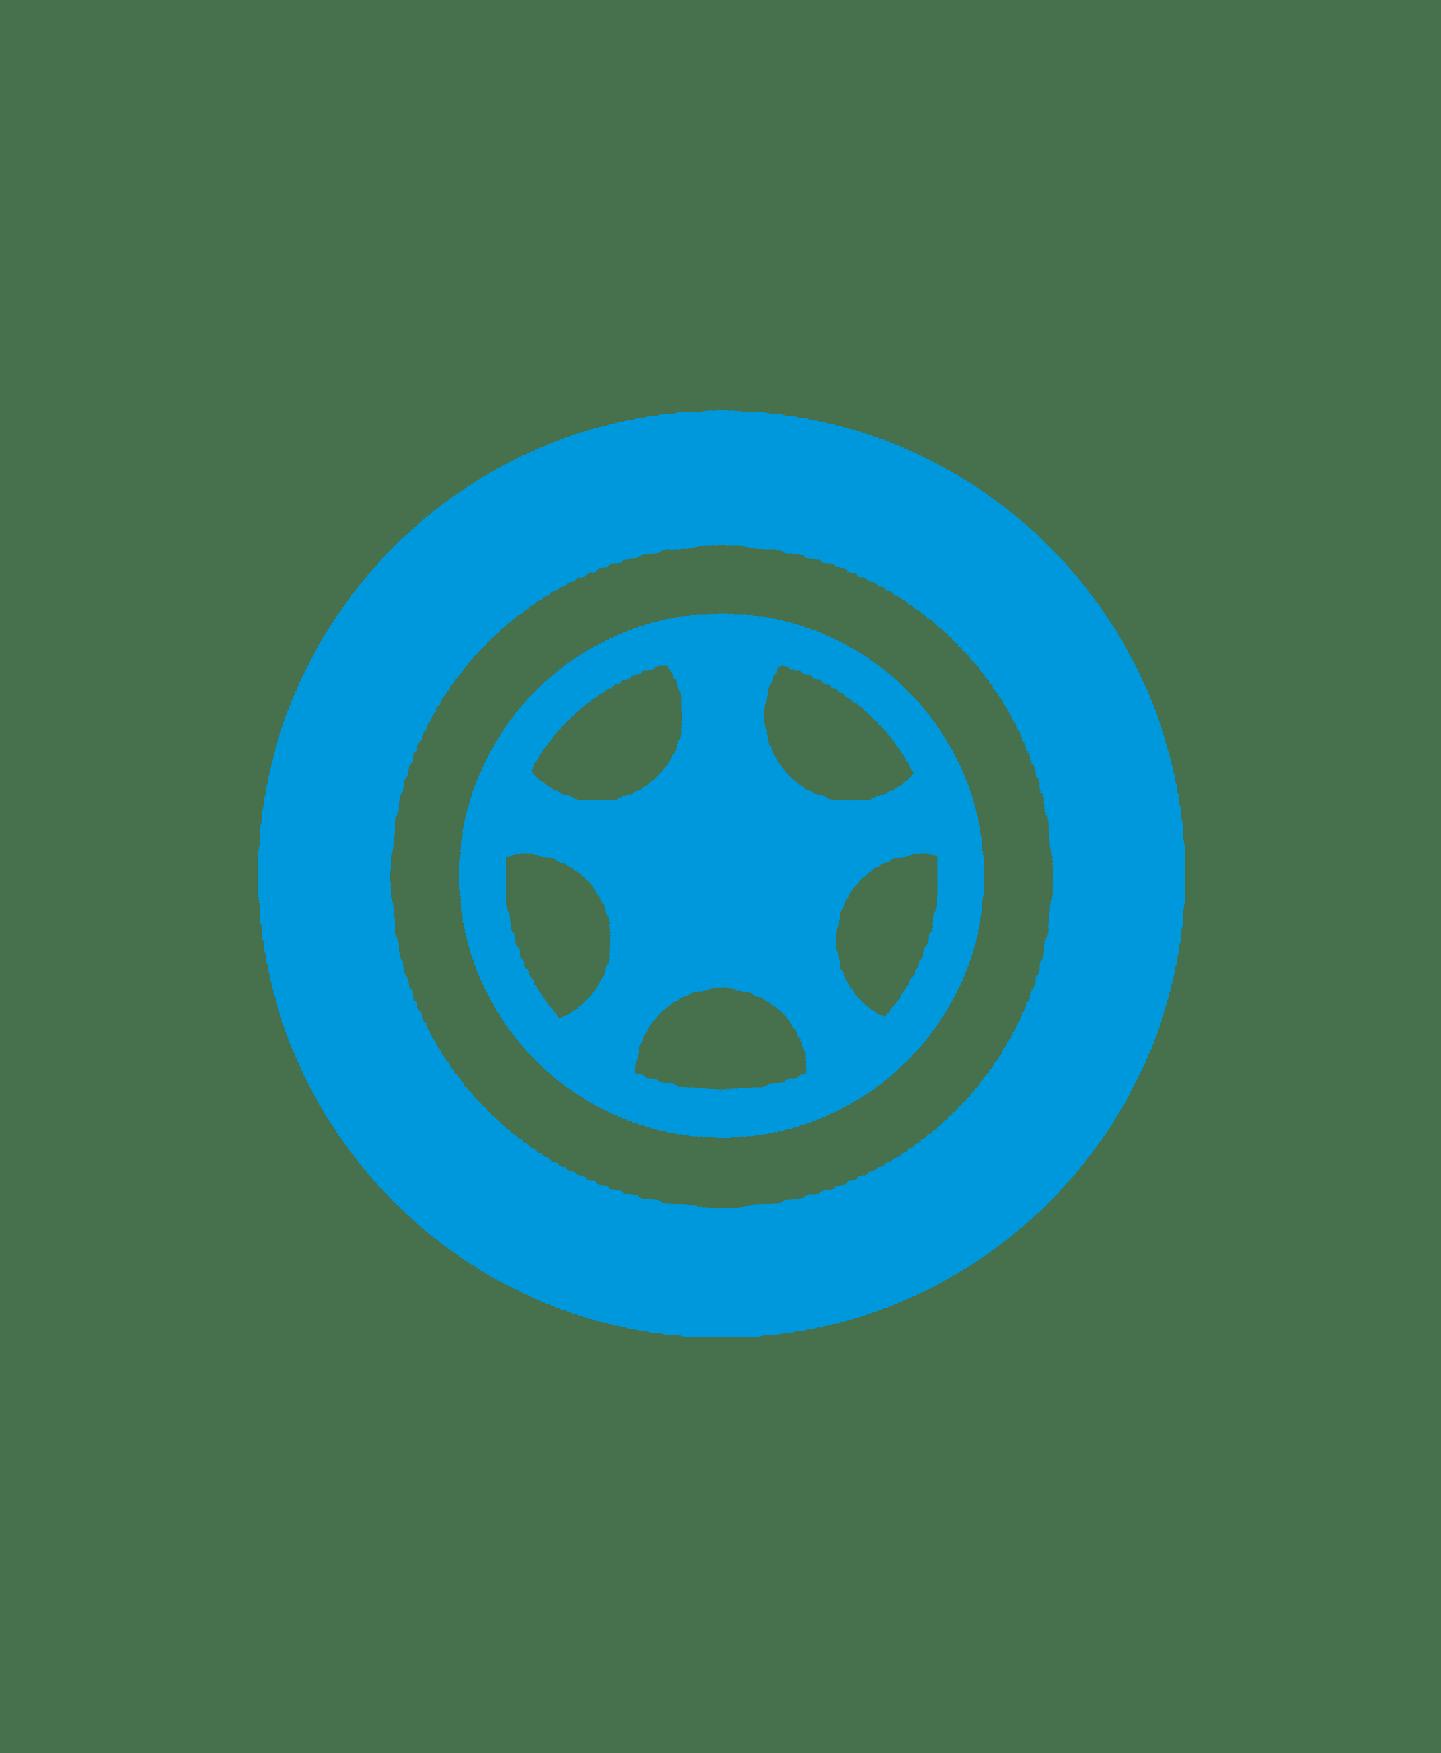 Une application de force ciblée pour desserrer les roues